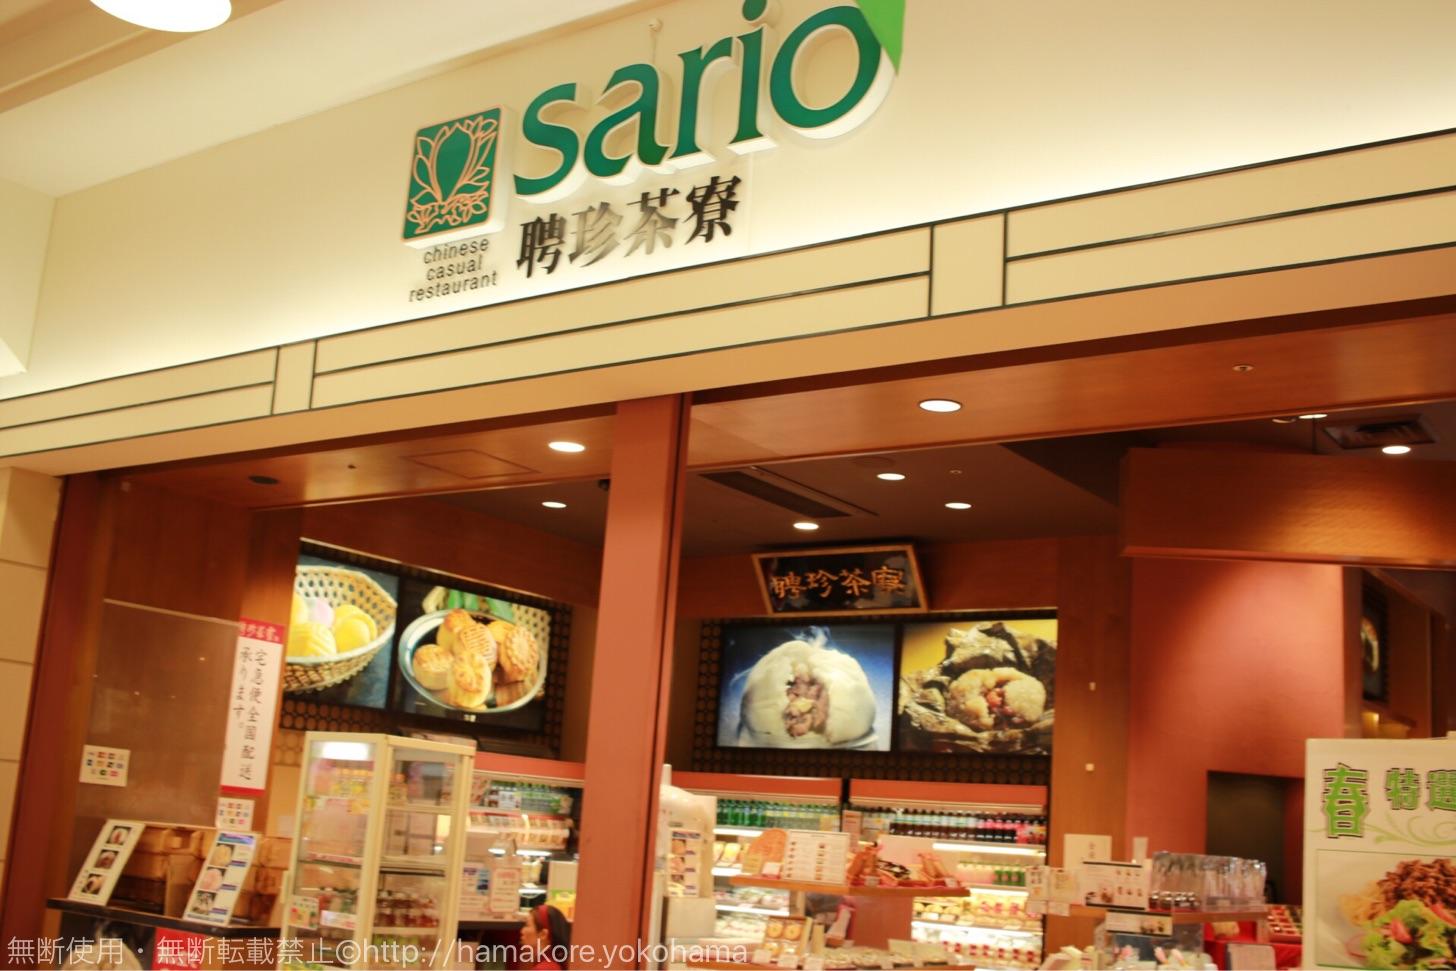 聘珍茶寮SARIO 横浜ワールドポーターズ店